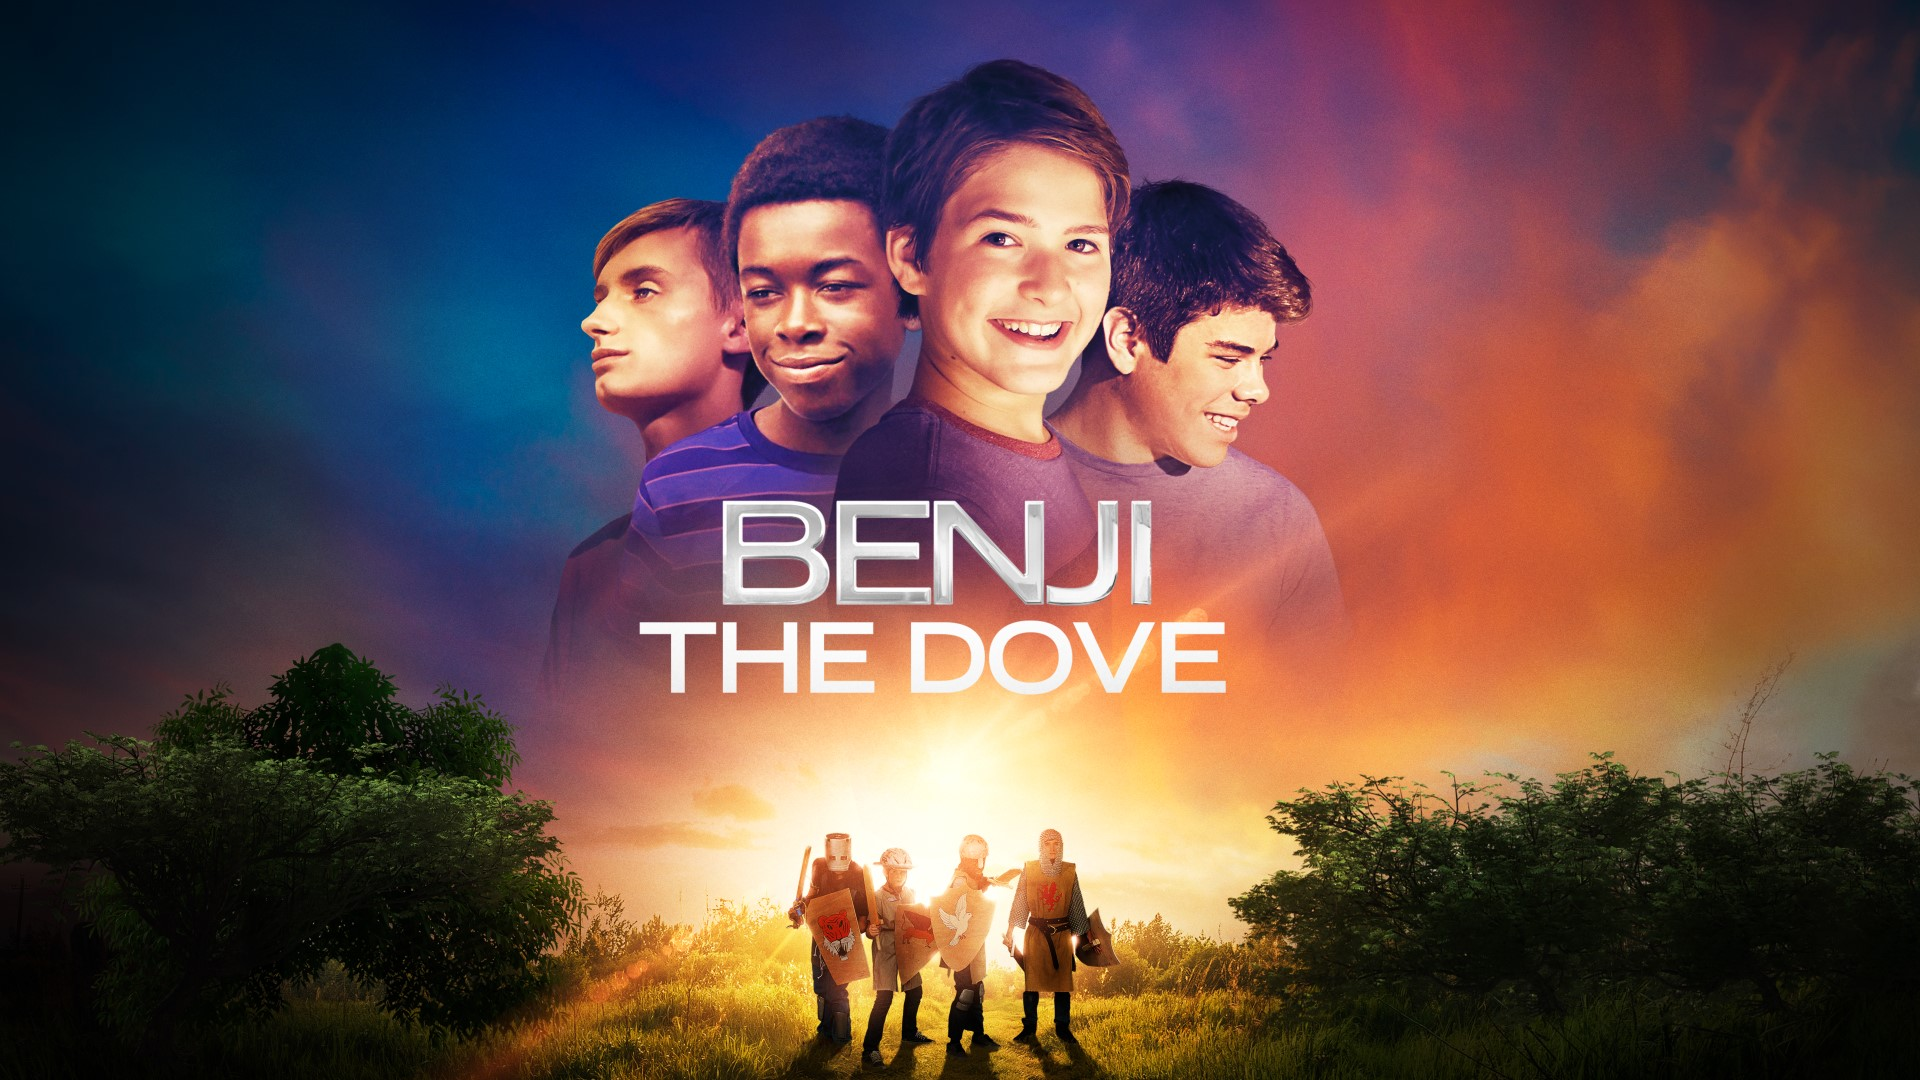 Benji the Dove